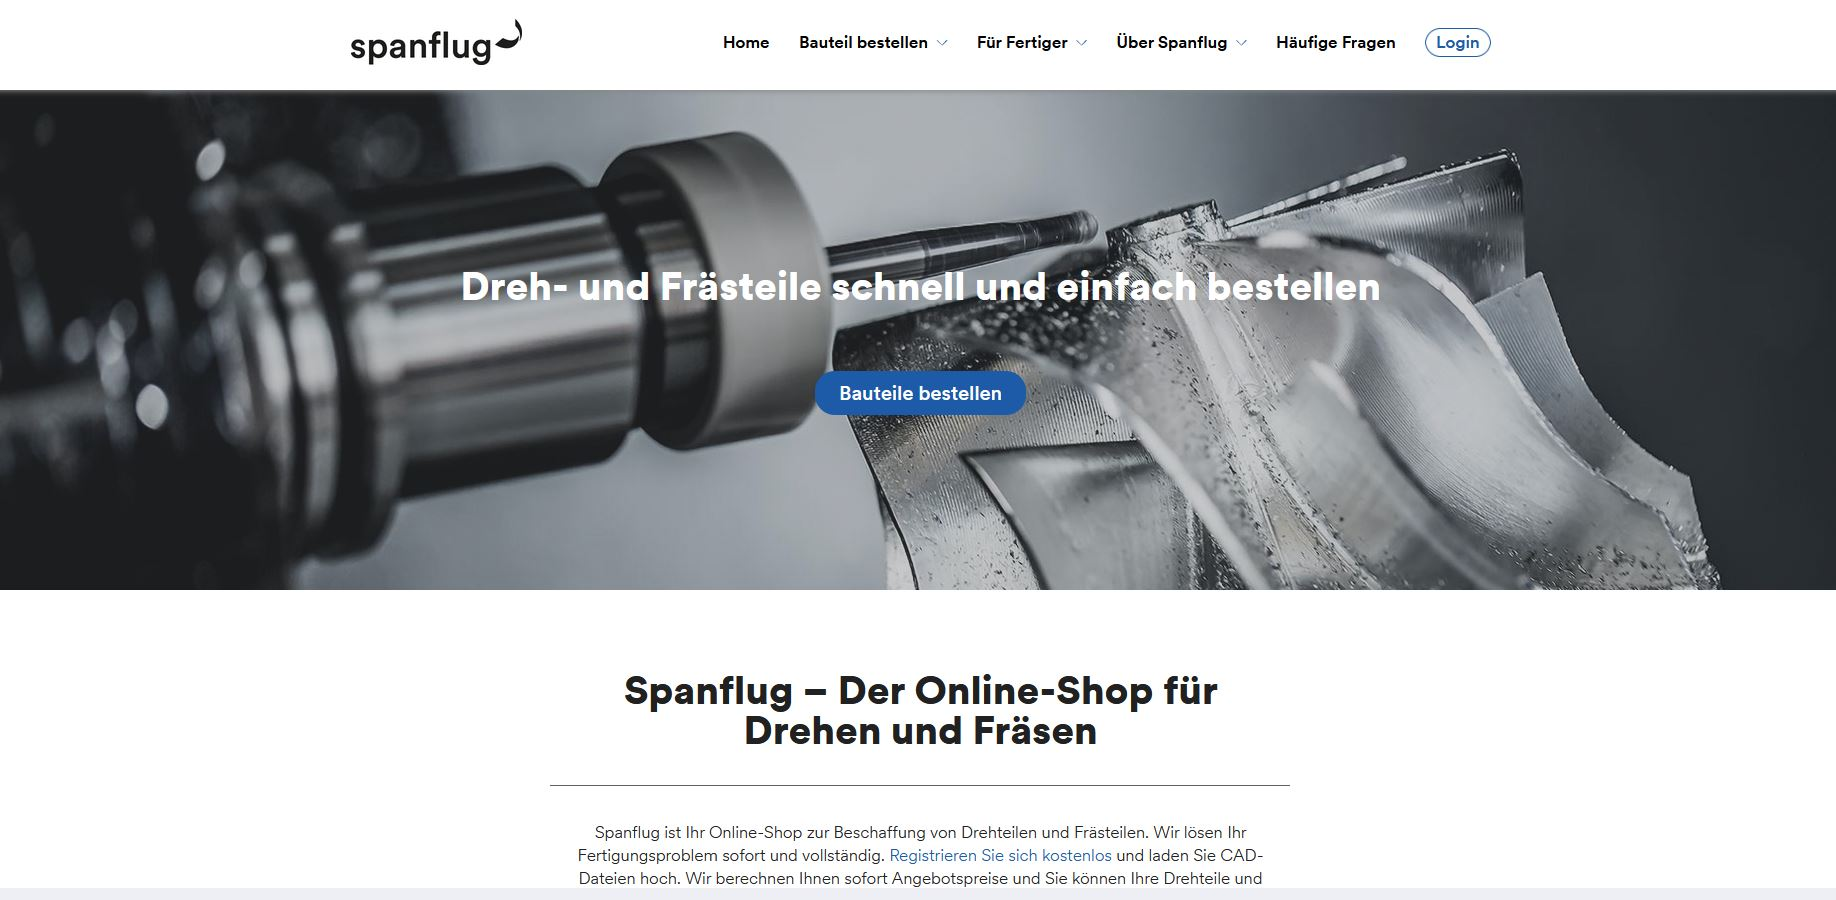 Spanflug - Events